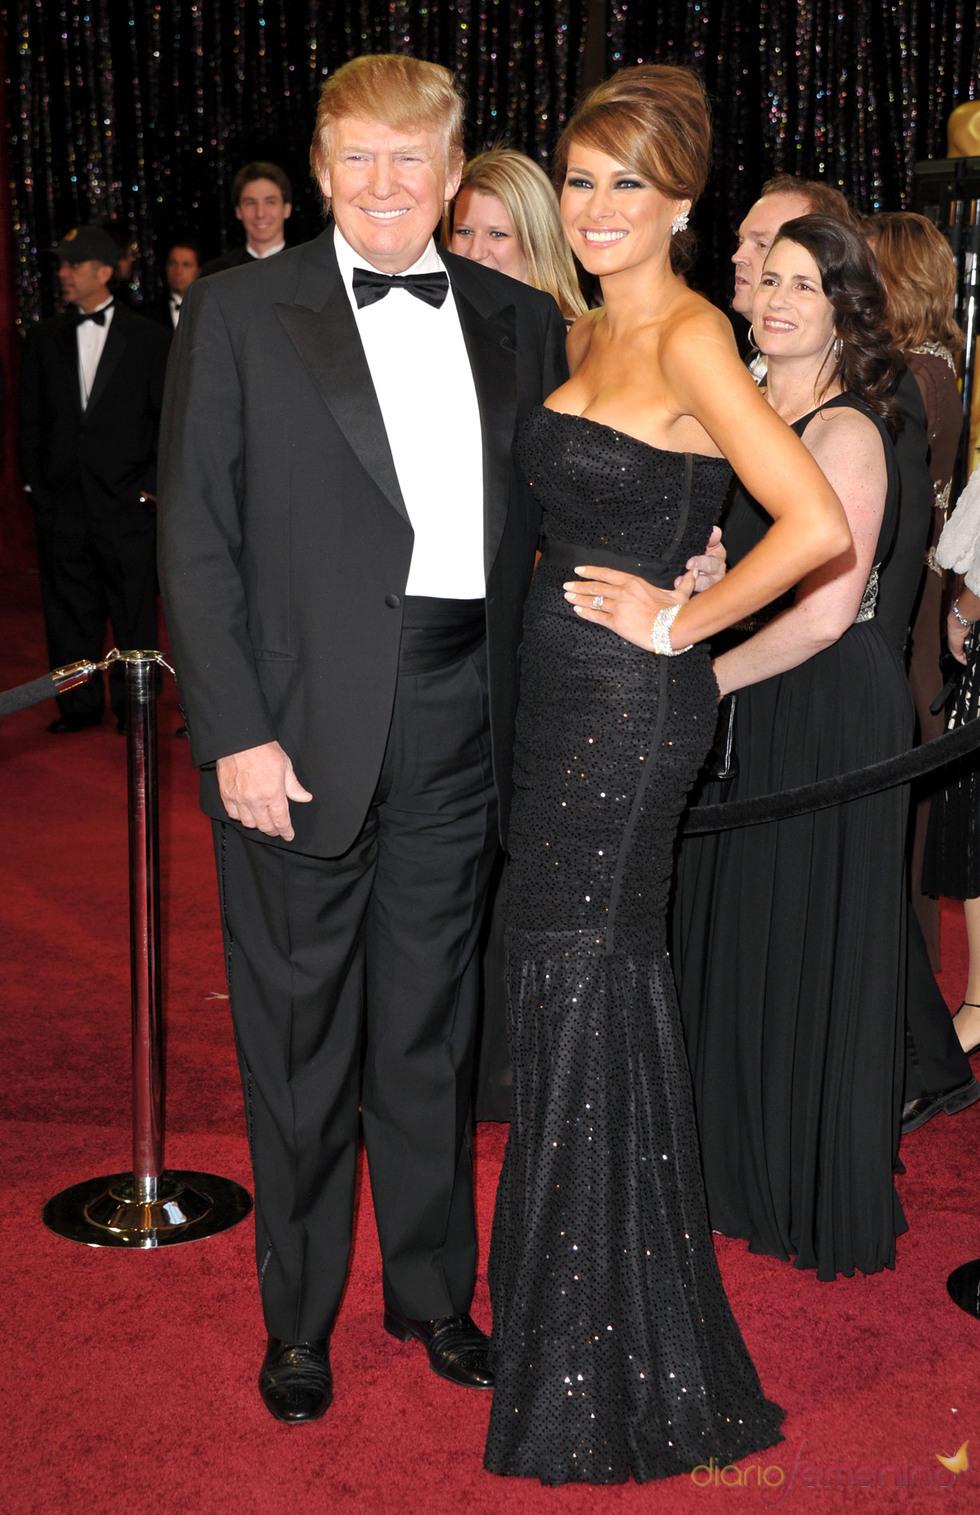 Donald Trump y Melania Trump posan en la alfombra roja de los Oscar 2011